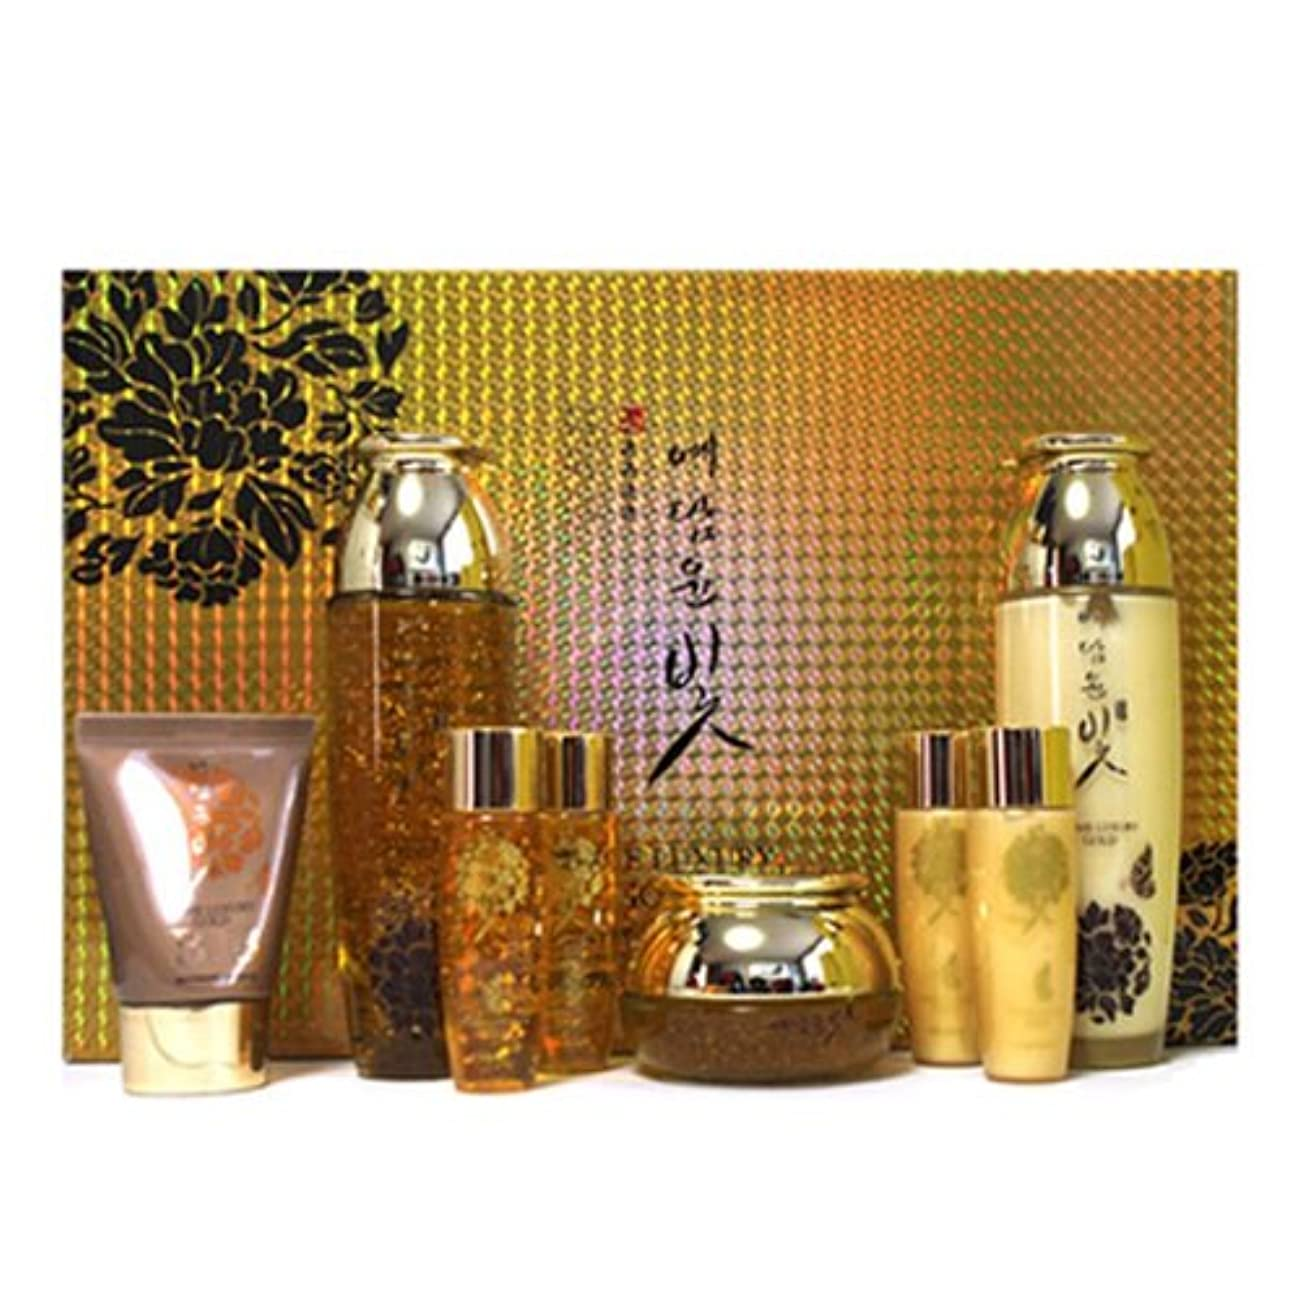 告白する舌な魂イェダムユンビト[韓国コスメYedam Yun Bit]Prime Luxury Gold Skin Care Set プライムラグジュアリーゴールドスキンケア4セット 樹液 乳液 クリーム/ BBクリーム [並行輸入品]